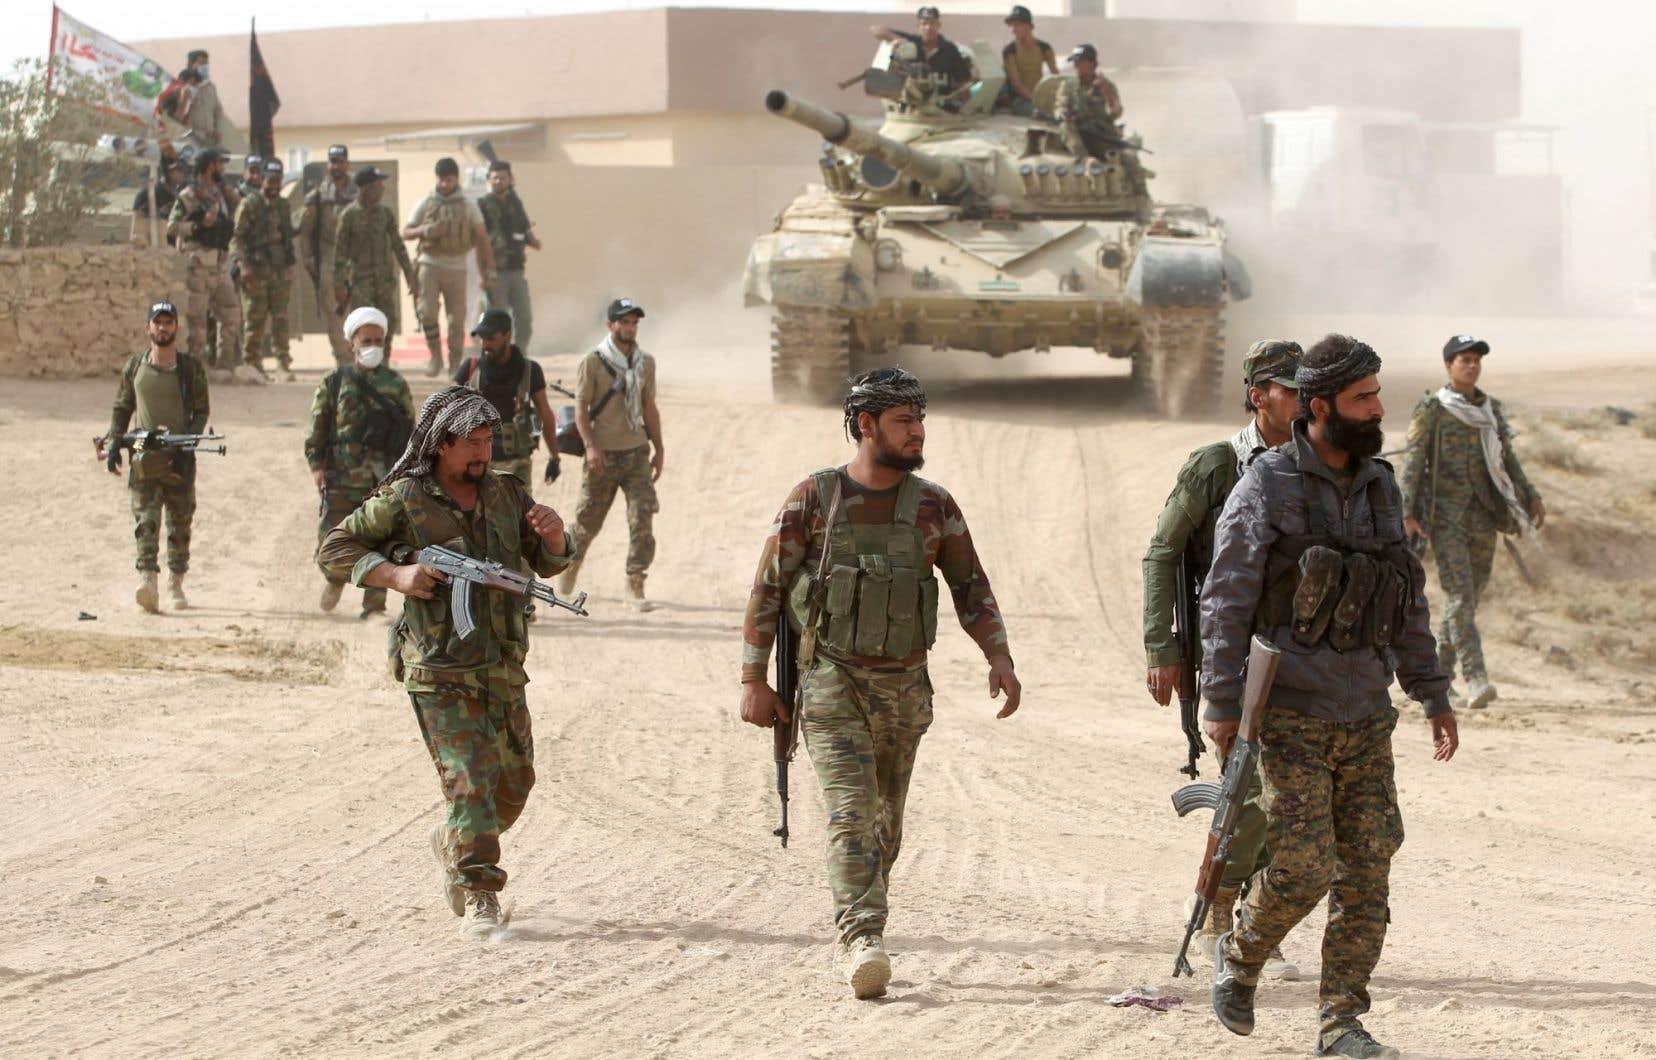 C'est par l'est que les forces d'élite ont pénétré dans Mossoul (nord), prenant position dans le quartier périphérique de Judaidat al-Mufti, selon le centre de commandement de l'armée.